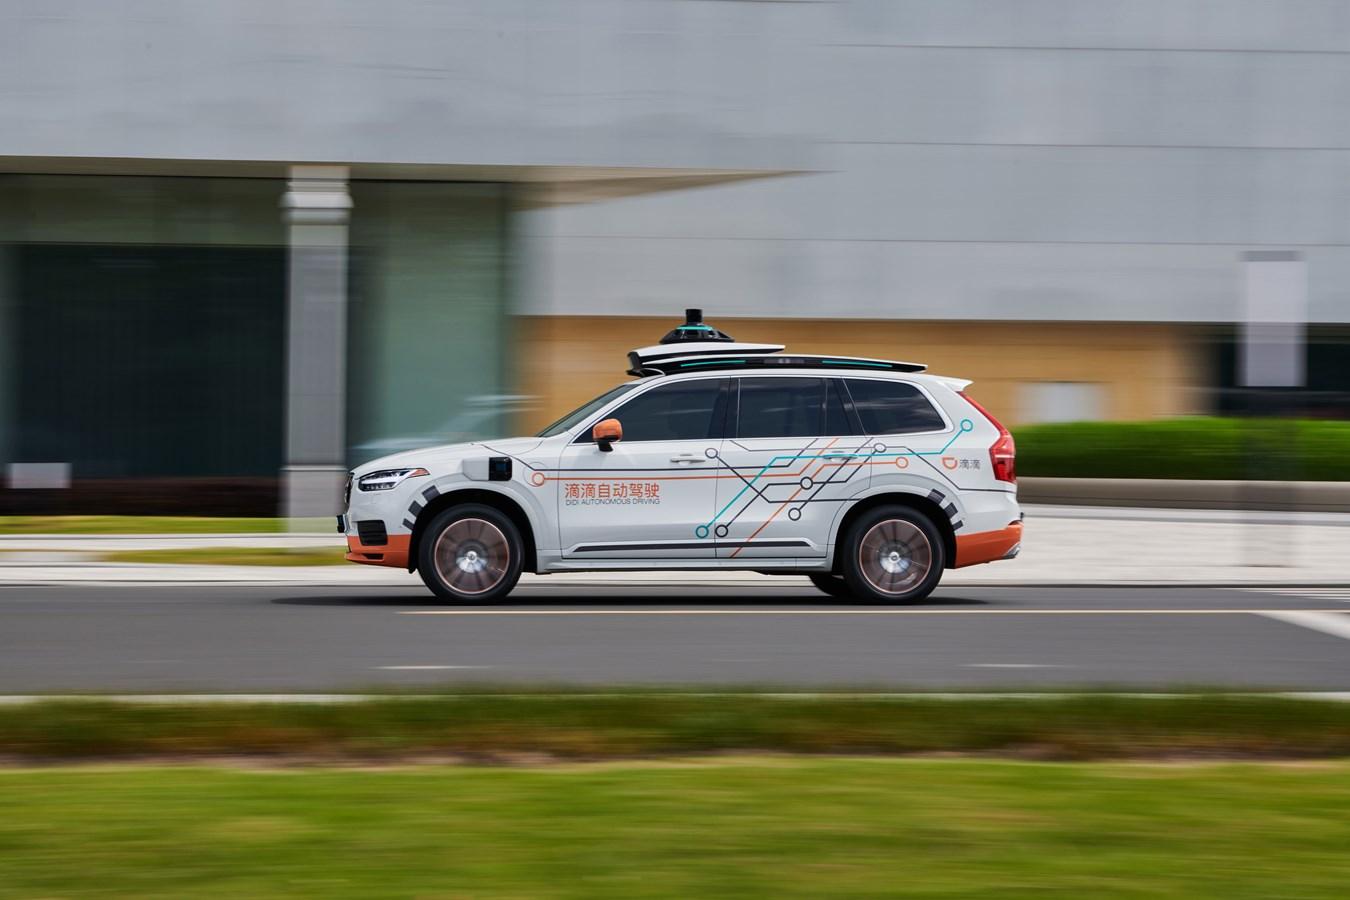 Avviata la collaborazione per la guida autonoma tra Volvo Cars e DiDi, la piattaforma tecnologica per la mobilità